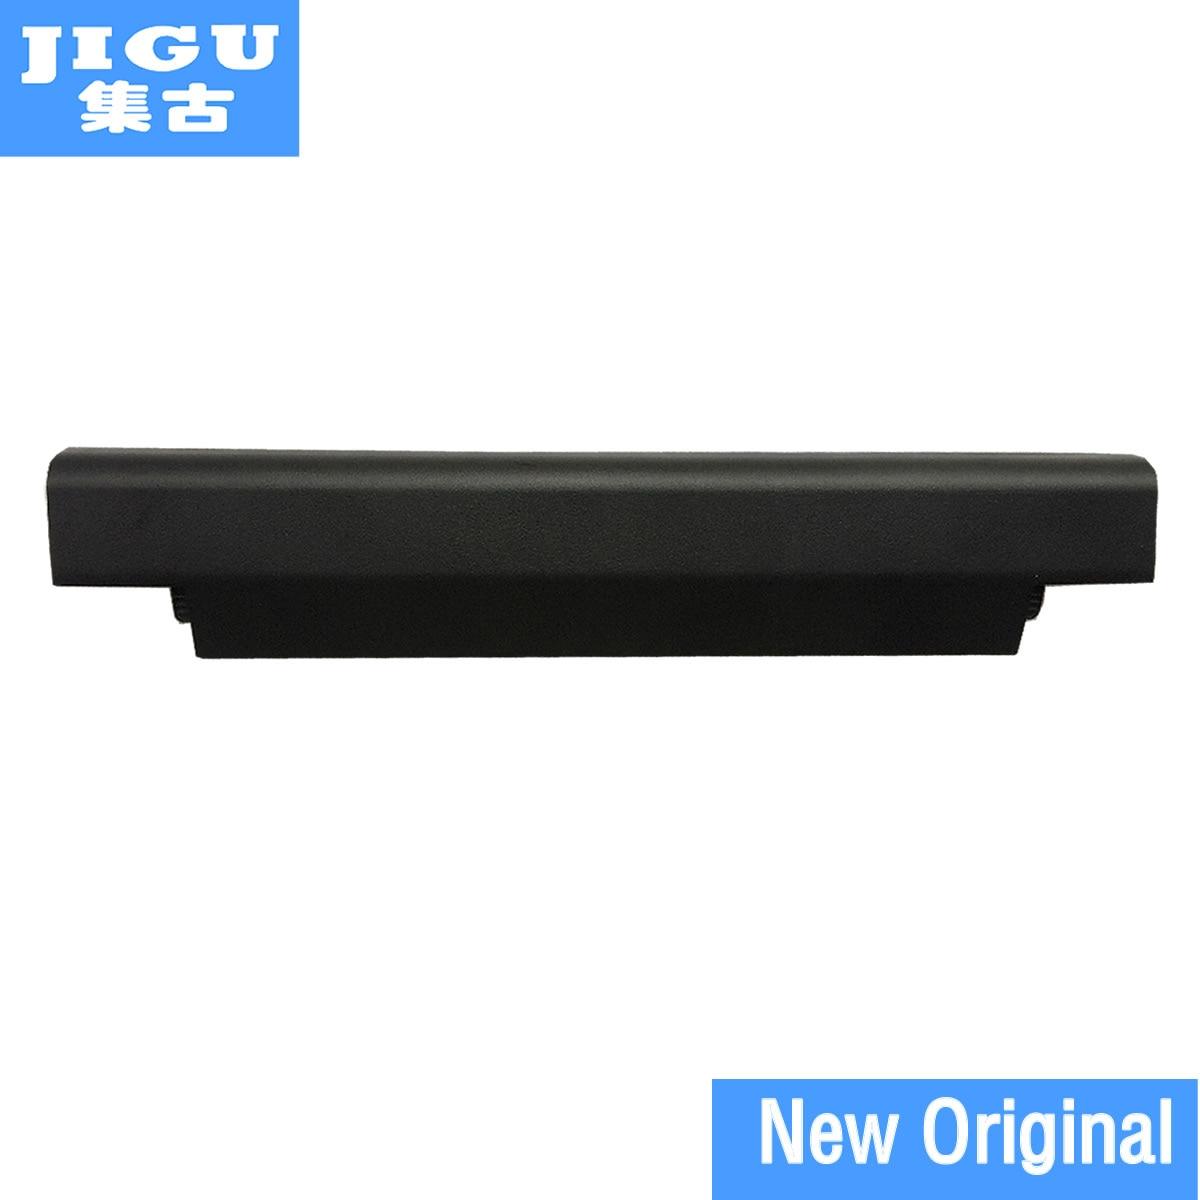 JIGU Original ordenador portátil batería A33N1332 10,8 V 56Wh A32N1331 para ASUS 450 450c 450cd PRO450 PU450 PU451 PU550 PU551 serie